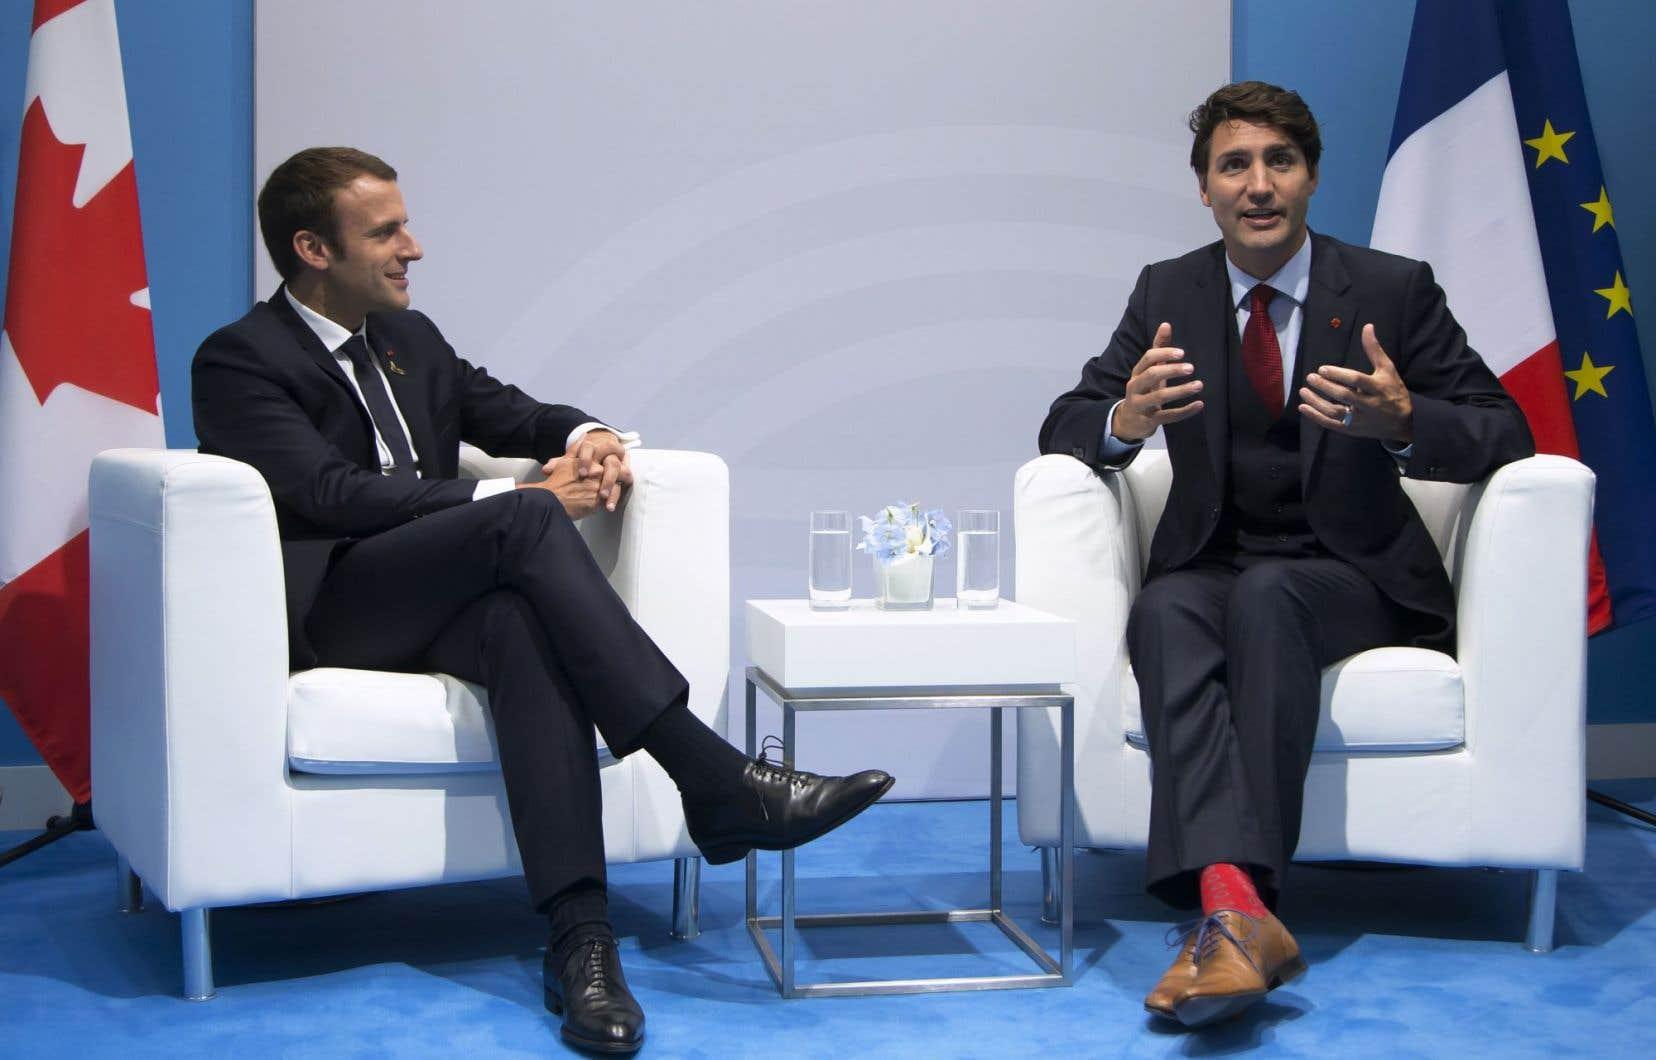 Le président français, Emmanuel Macron, et le premier ministre Justin Trudeau lors d'une rencontre bilatérale lors de la journée d'ouverture du sommet du G20